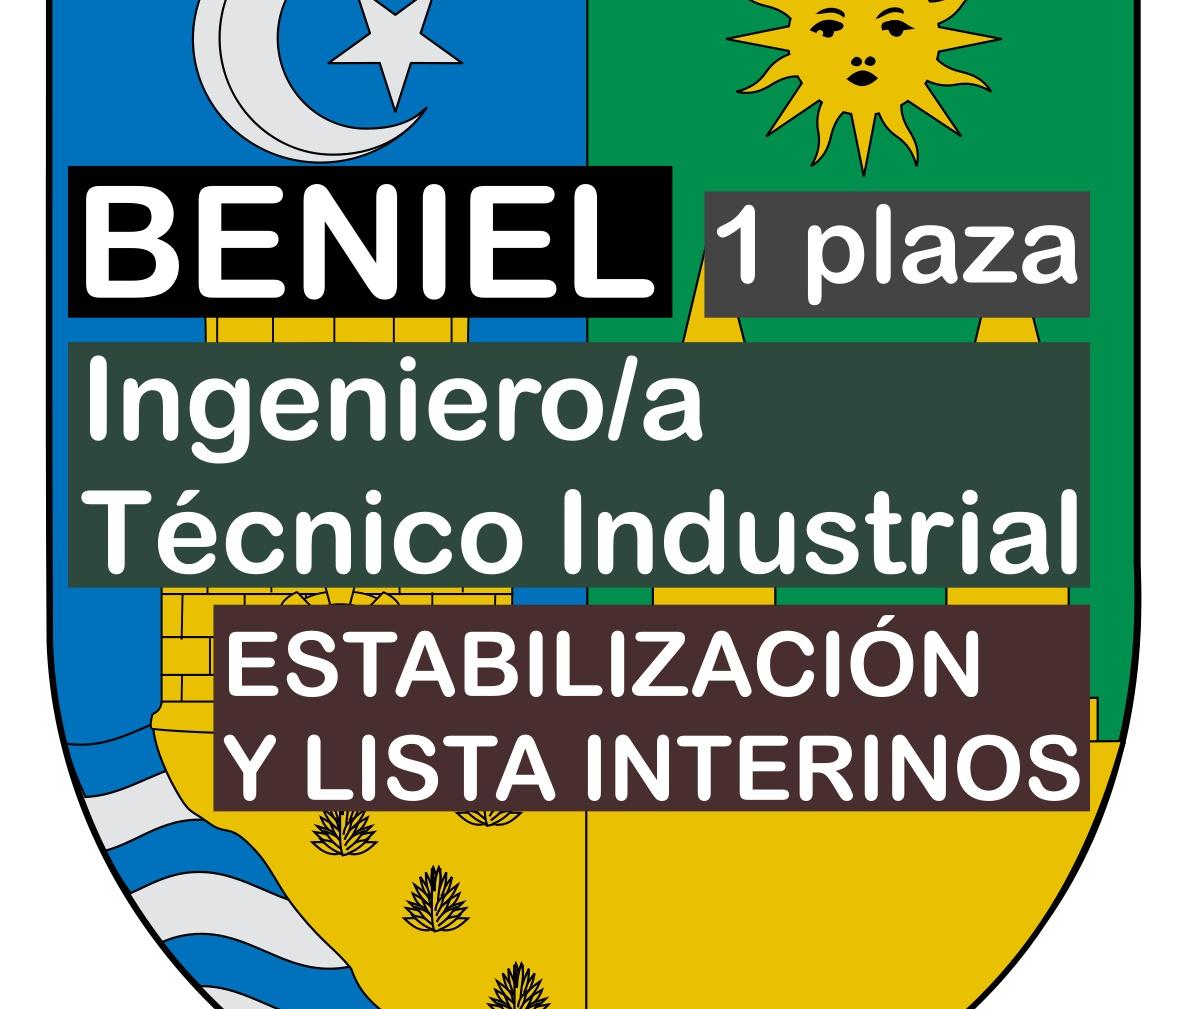 1 Ingeniero/a técnico industrial en Beniel